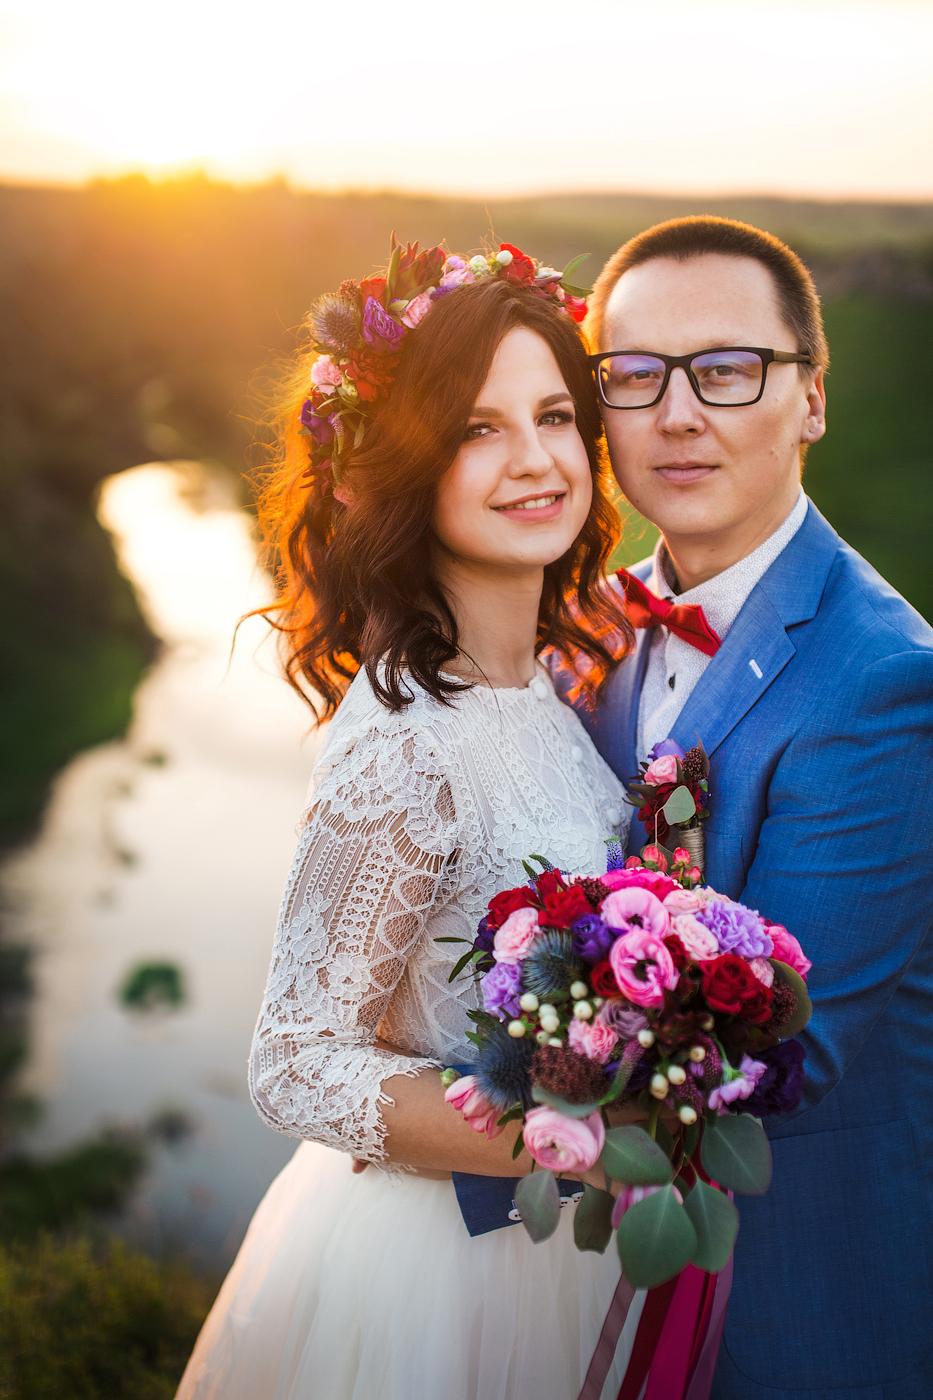 Виктория Цыганок в Воронеже